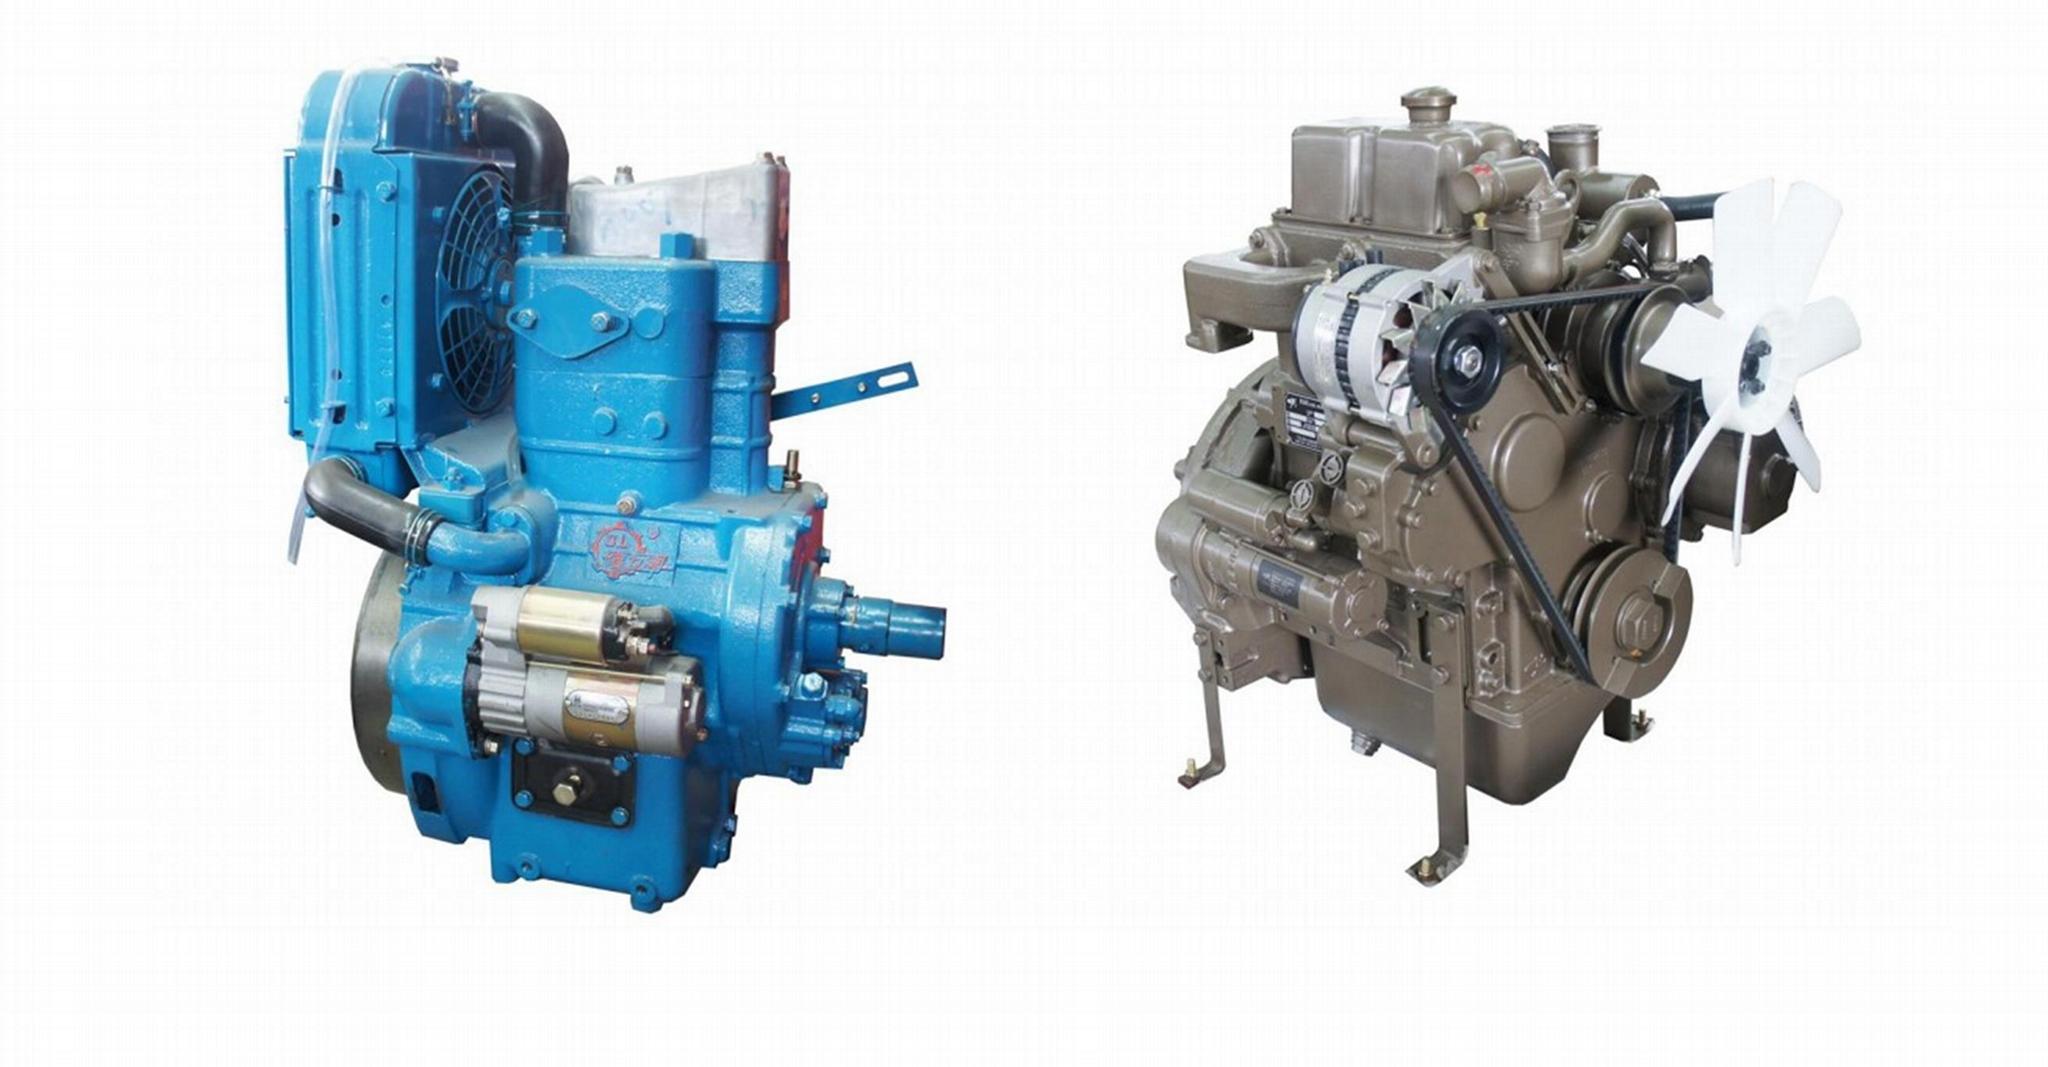 单缸柴油机25马力和双缸柴油机35马力